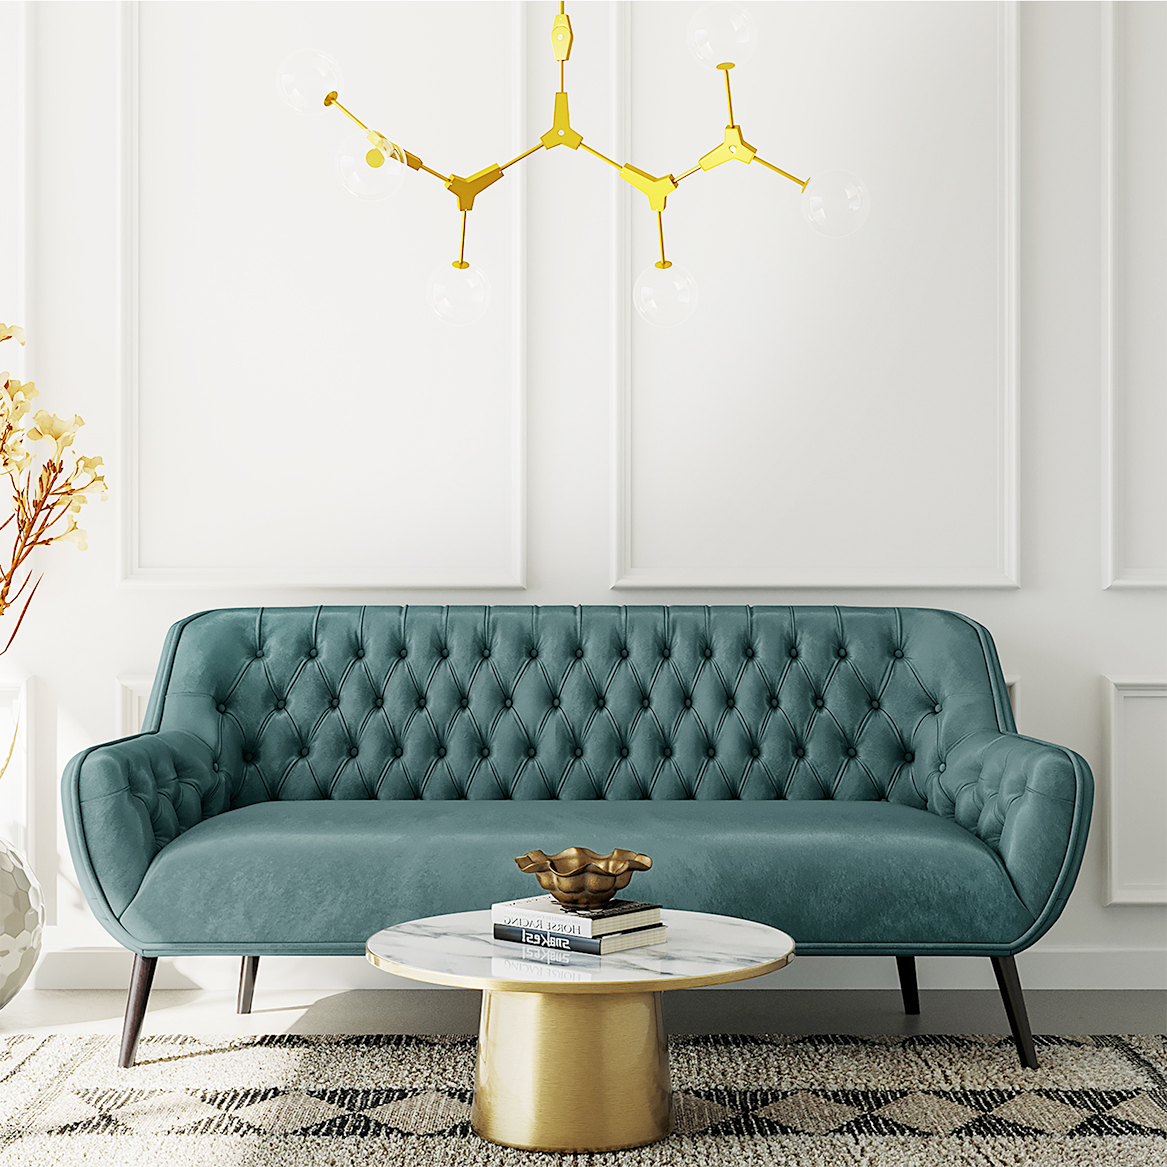 Luxo Living New Designer Sofa Range